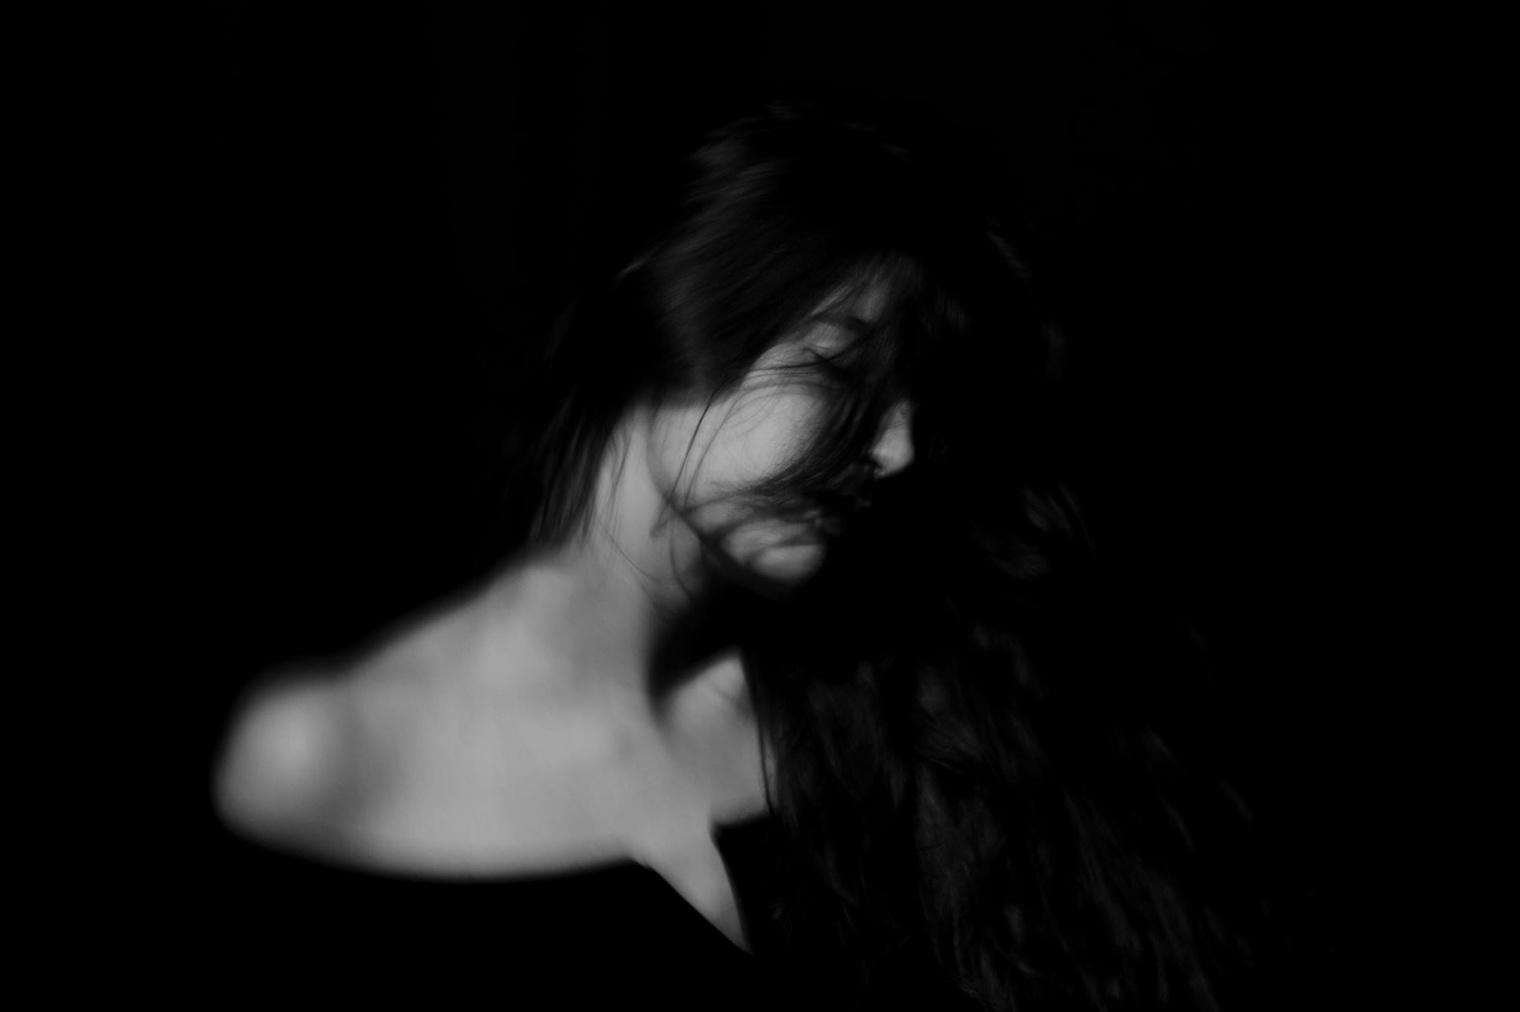 Shawna_Tavsky_portraits_bnw